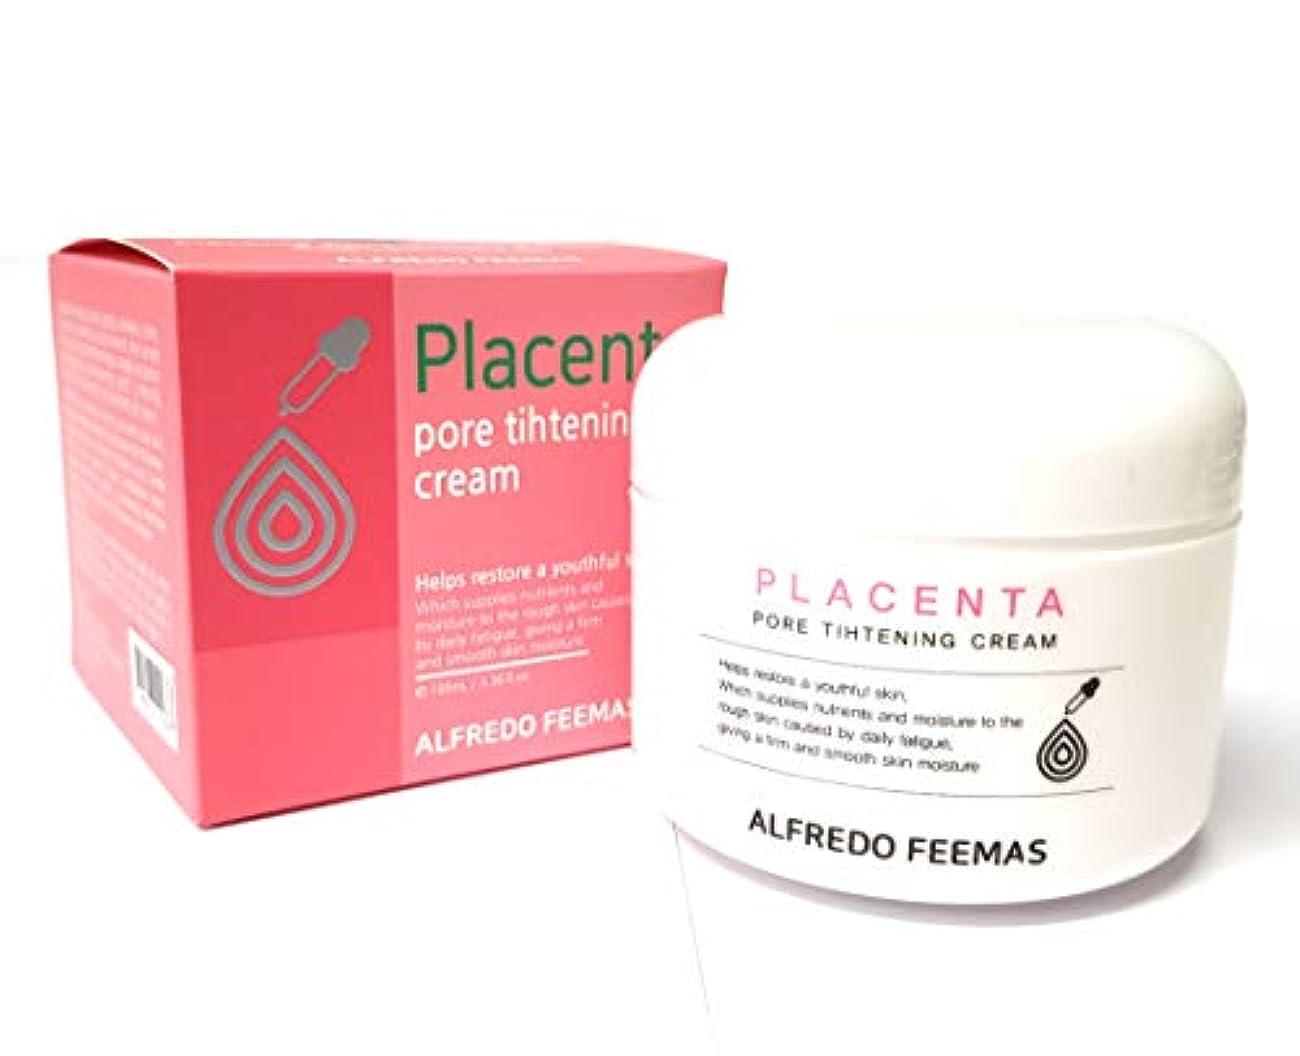 希望に満ちた関係ないありふれた[ALFREDO FEEMAS] ポア引き締めクリーム100ml / Pore tightening cream100ml / ポアケア、うるおい/Pore Care,moisture/韓国化粧品/Korean Cosmetics...